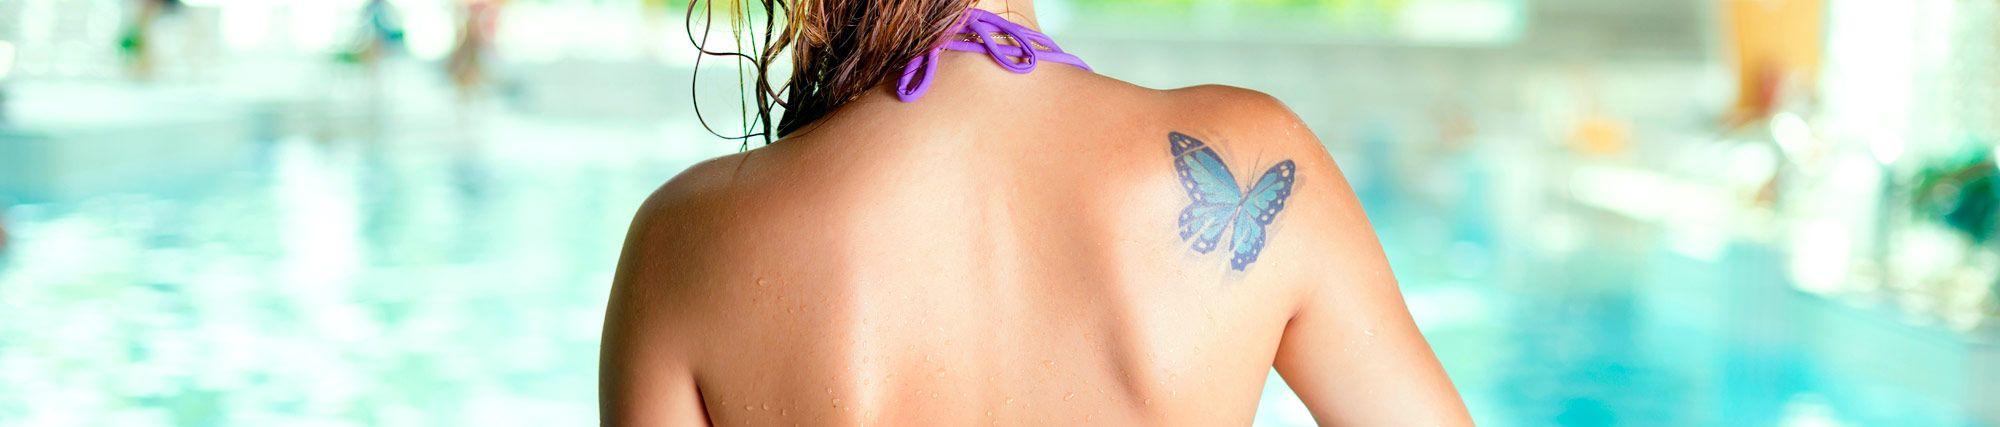 No, Mom, I Don't Regret My Tattoos Tattoos, I tattoo